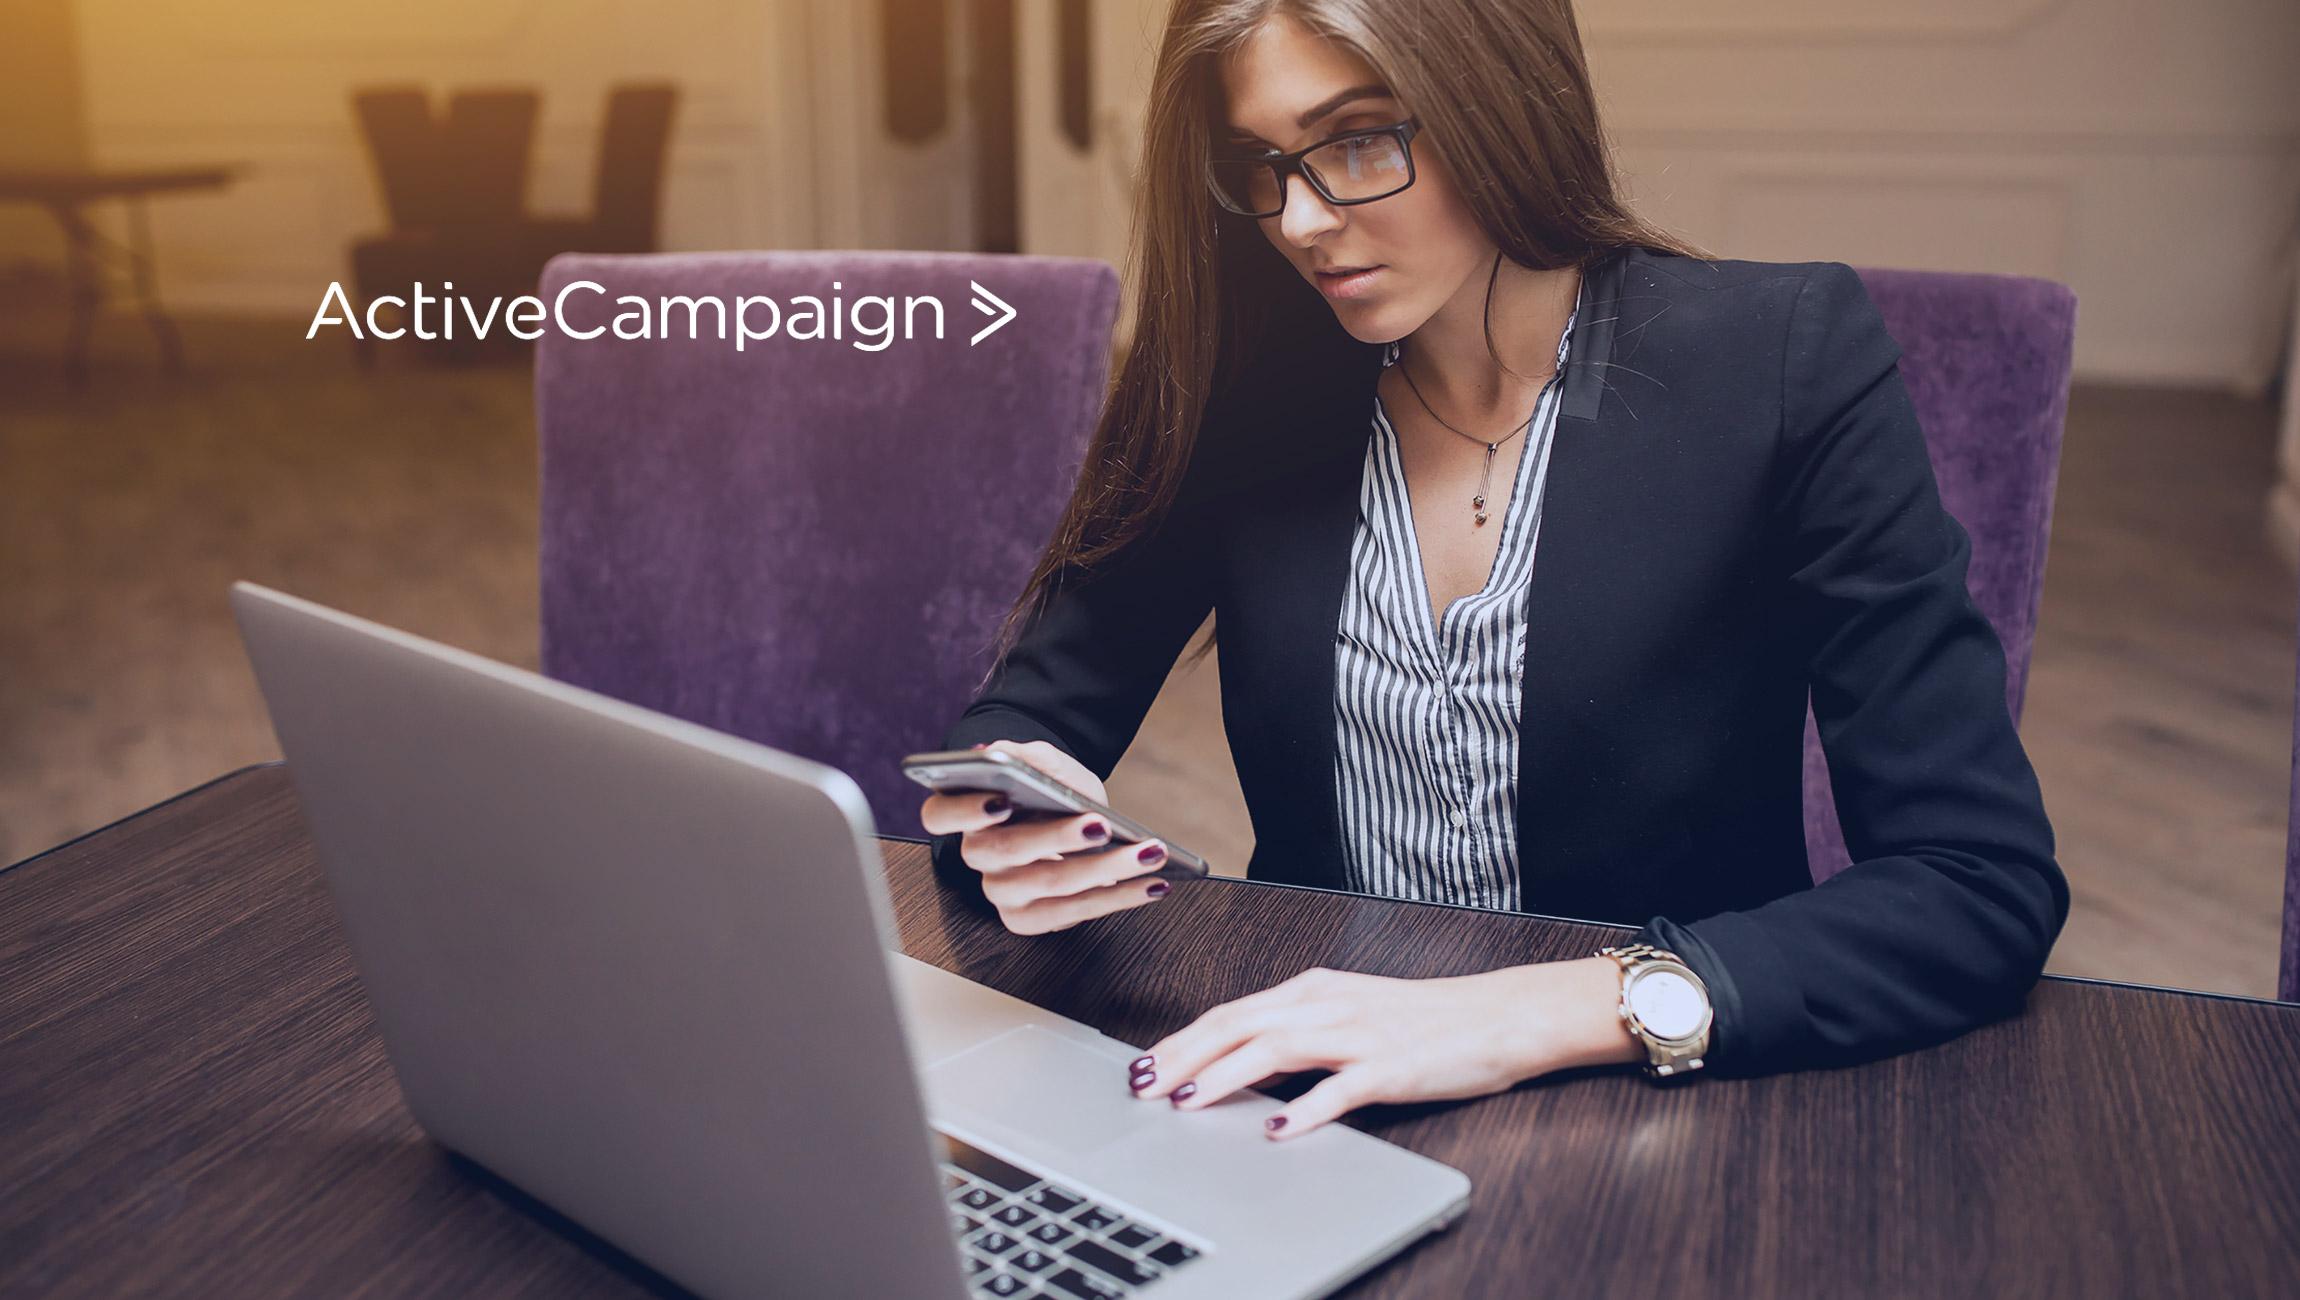 ActiveCampaign Announces Conversations, the Automation-Driven Omnichannel Communication Platform